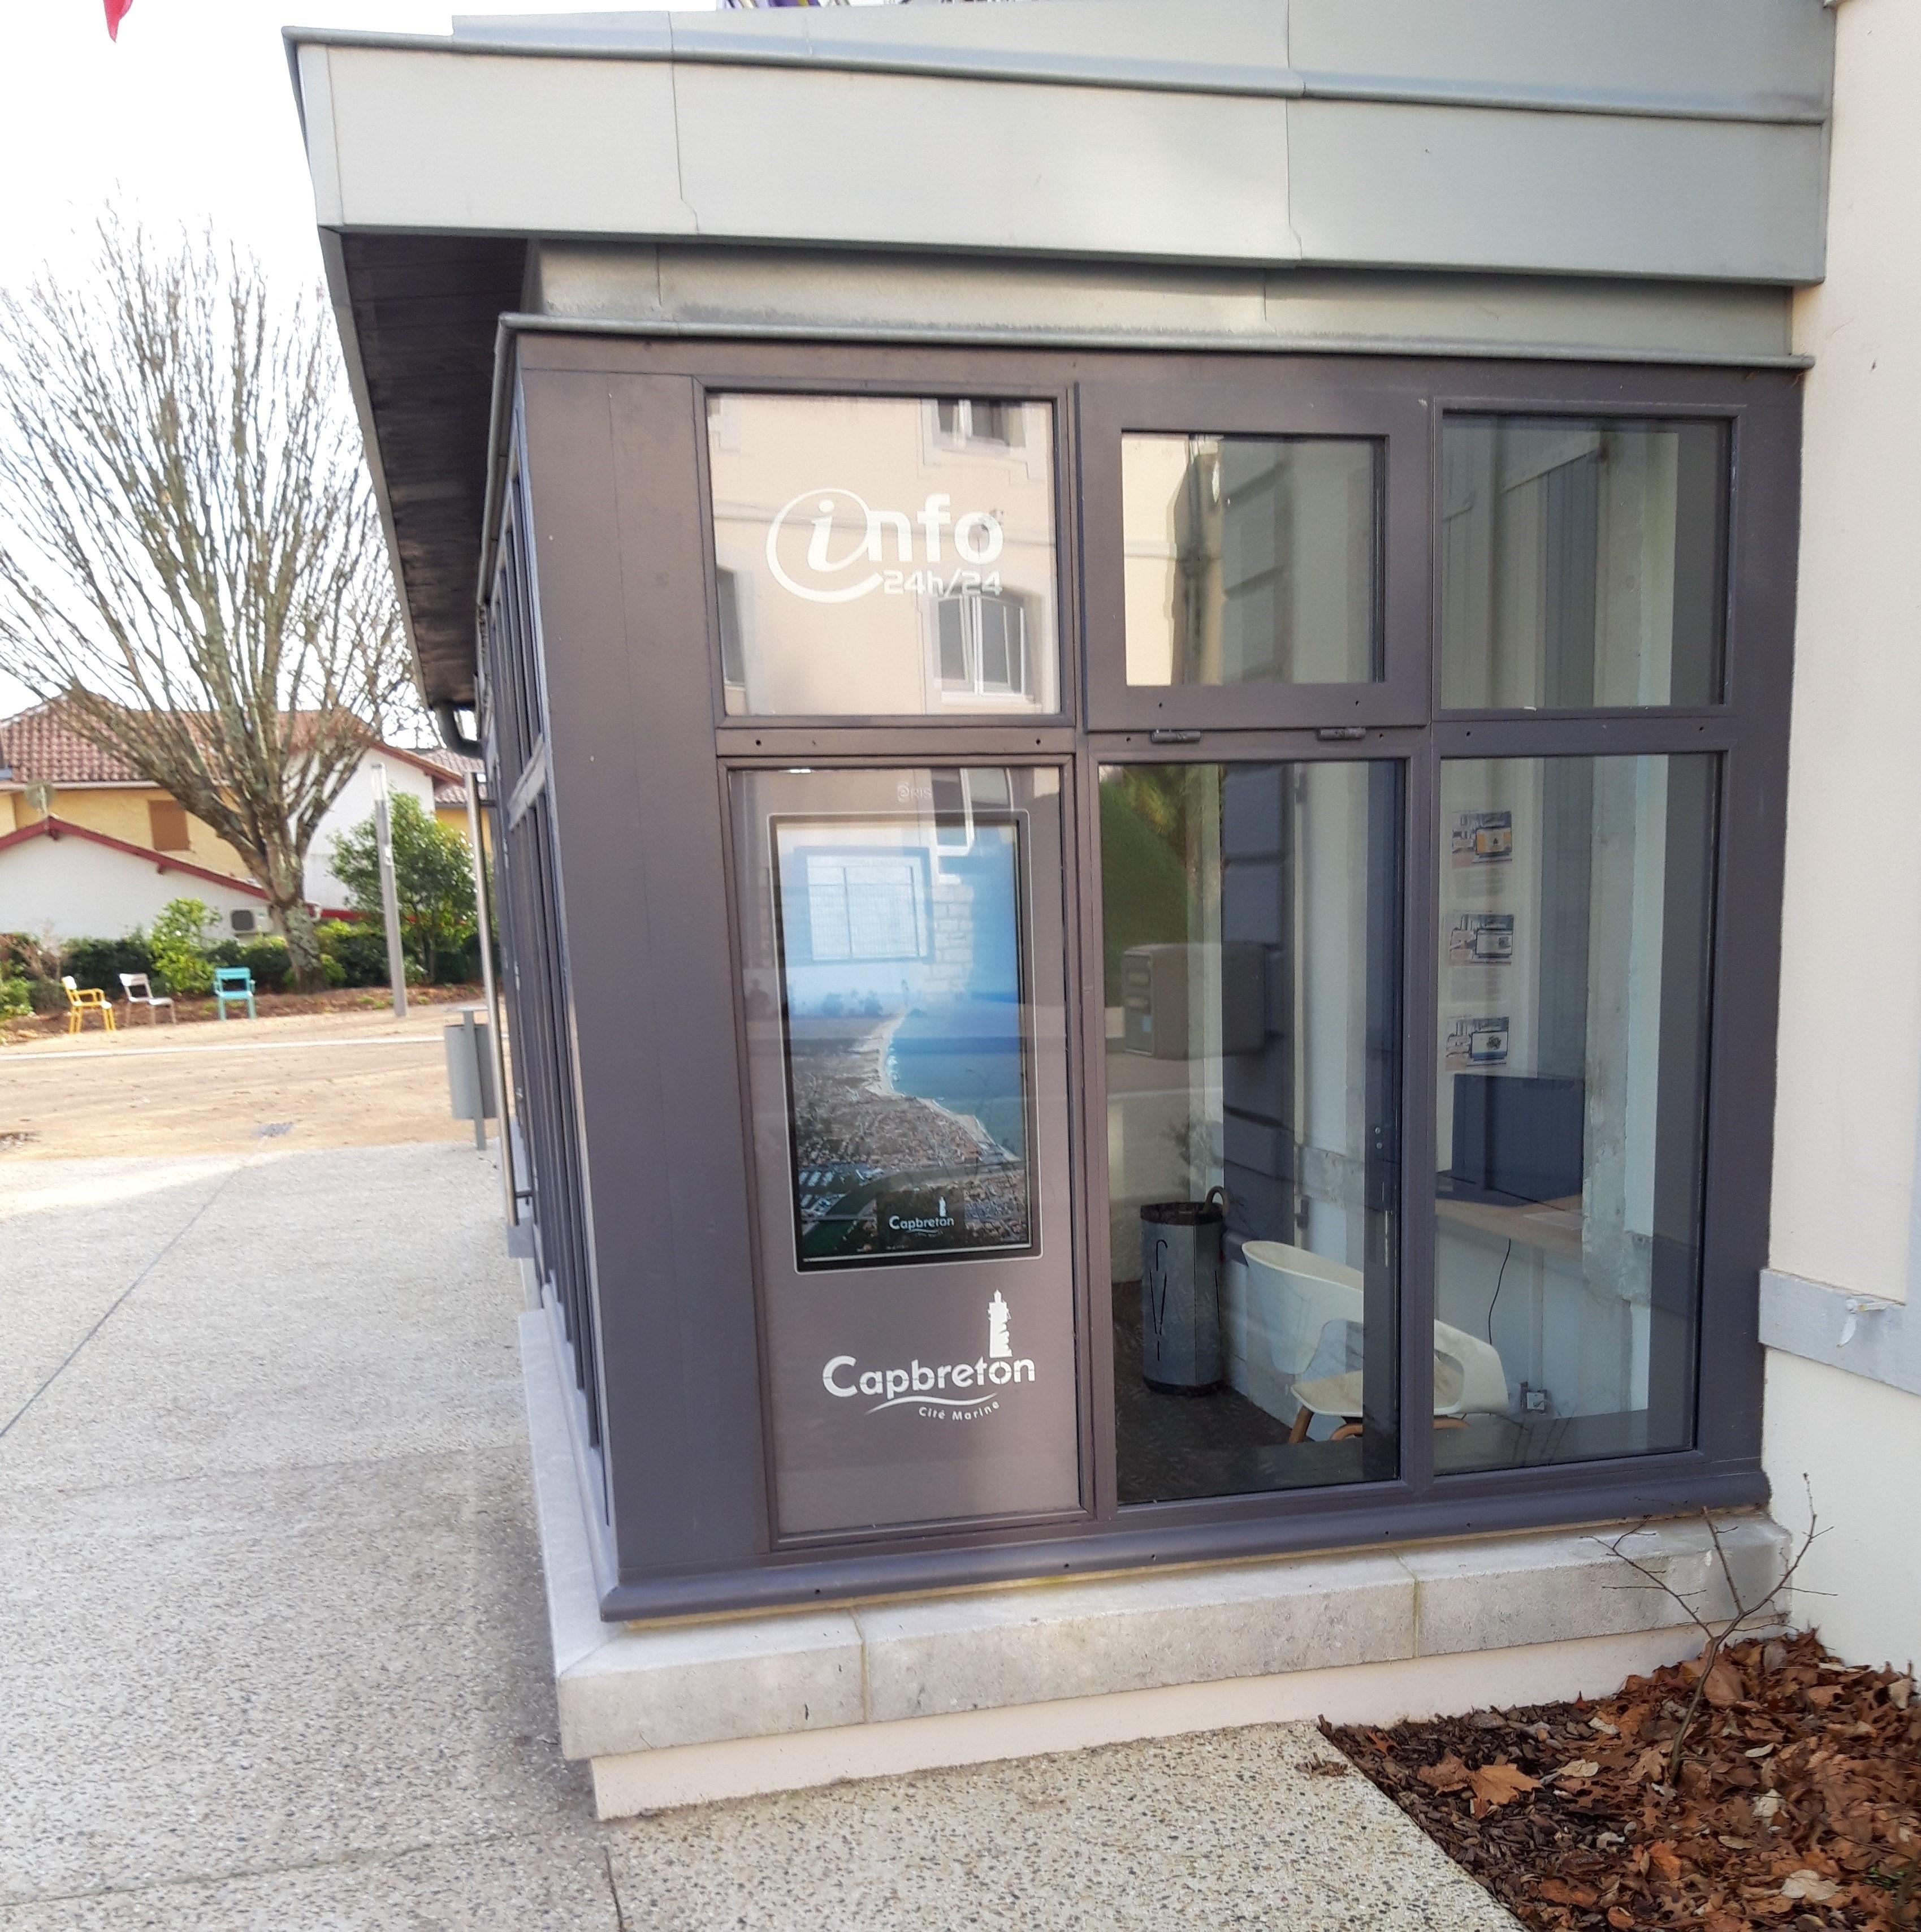 Une borne vitrine pour l'information municipale à la mairie de Capbreton